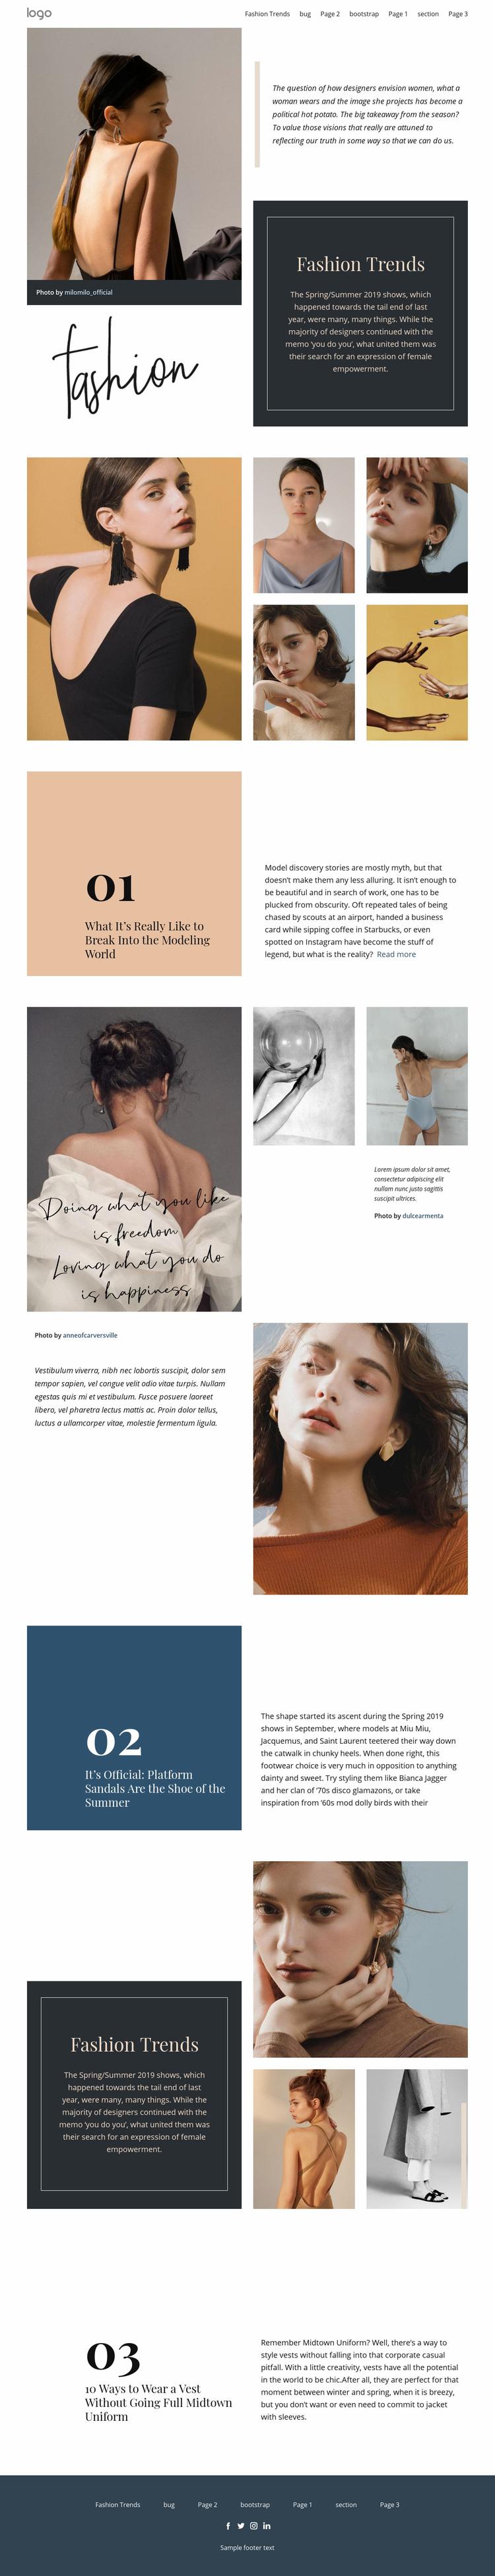 Designer vision of fashion Web Page Designer